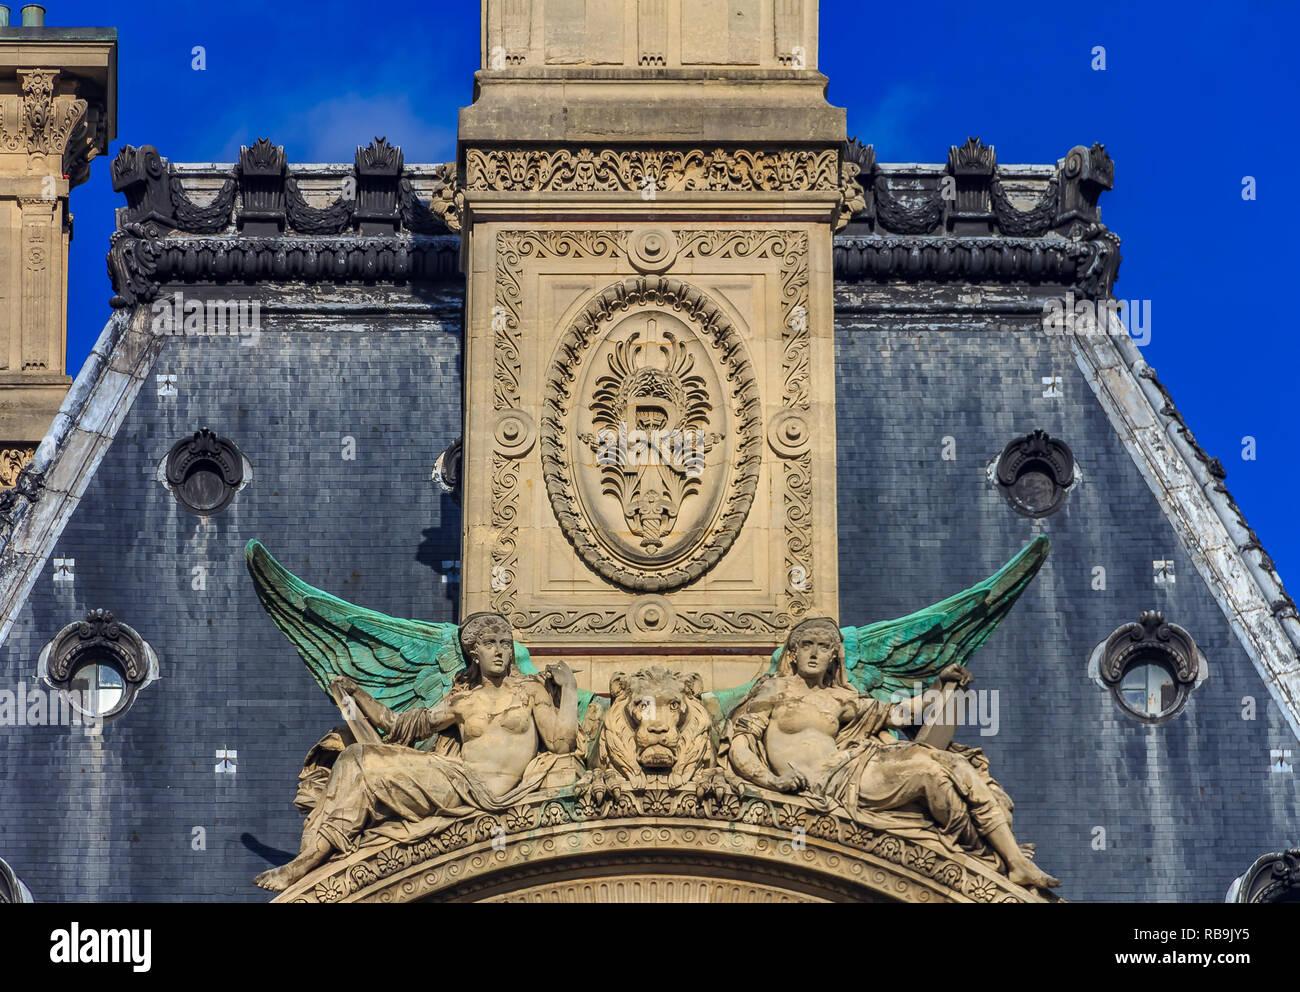 Prachtvolle barocke Skulpturen und Reliefs auf dem Giebel des Daches ...